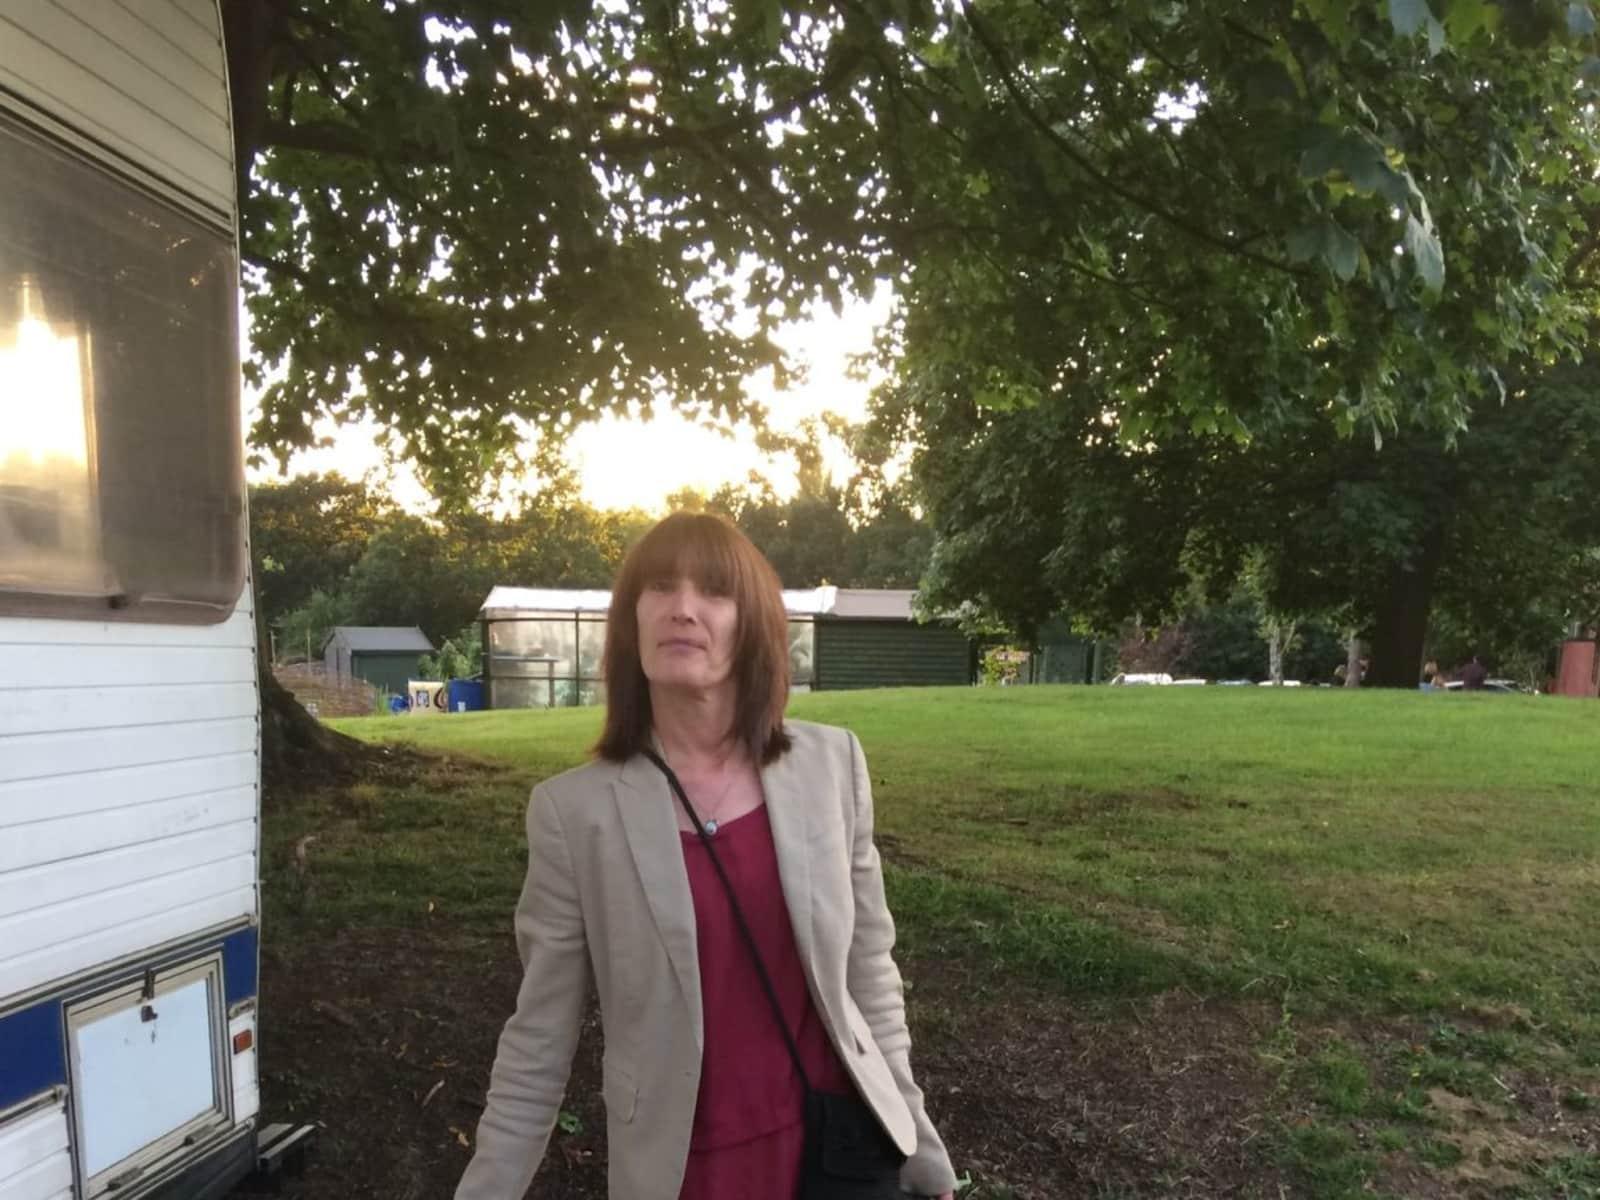 Yvonne from Birmingham, United Kingdom